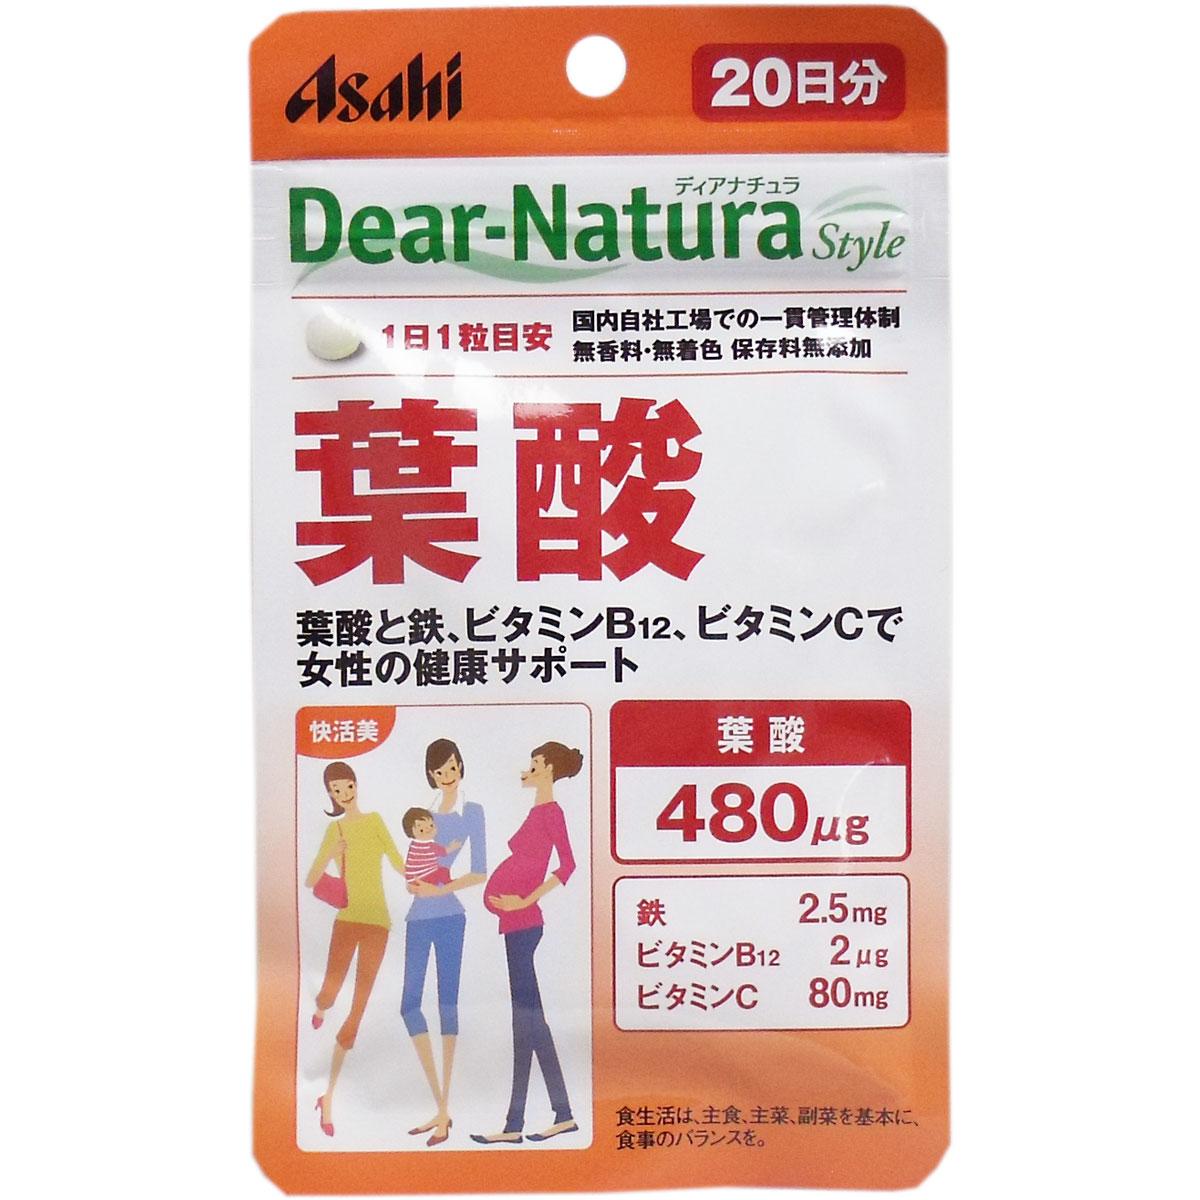 ディアナチュラ スタイル 葉酸 20日分 20粒入【Dear-Natura 妊活 育児 子供の発育 栄養 女性応援 サプリメント 美容サプリメント 健康食品】